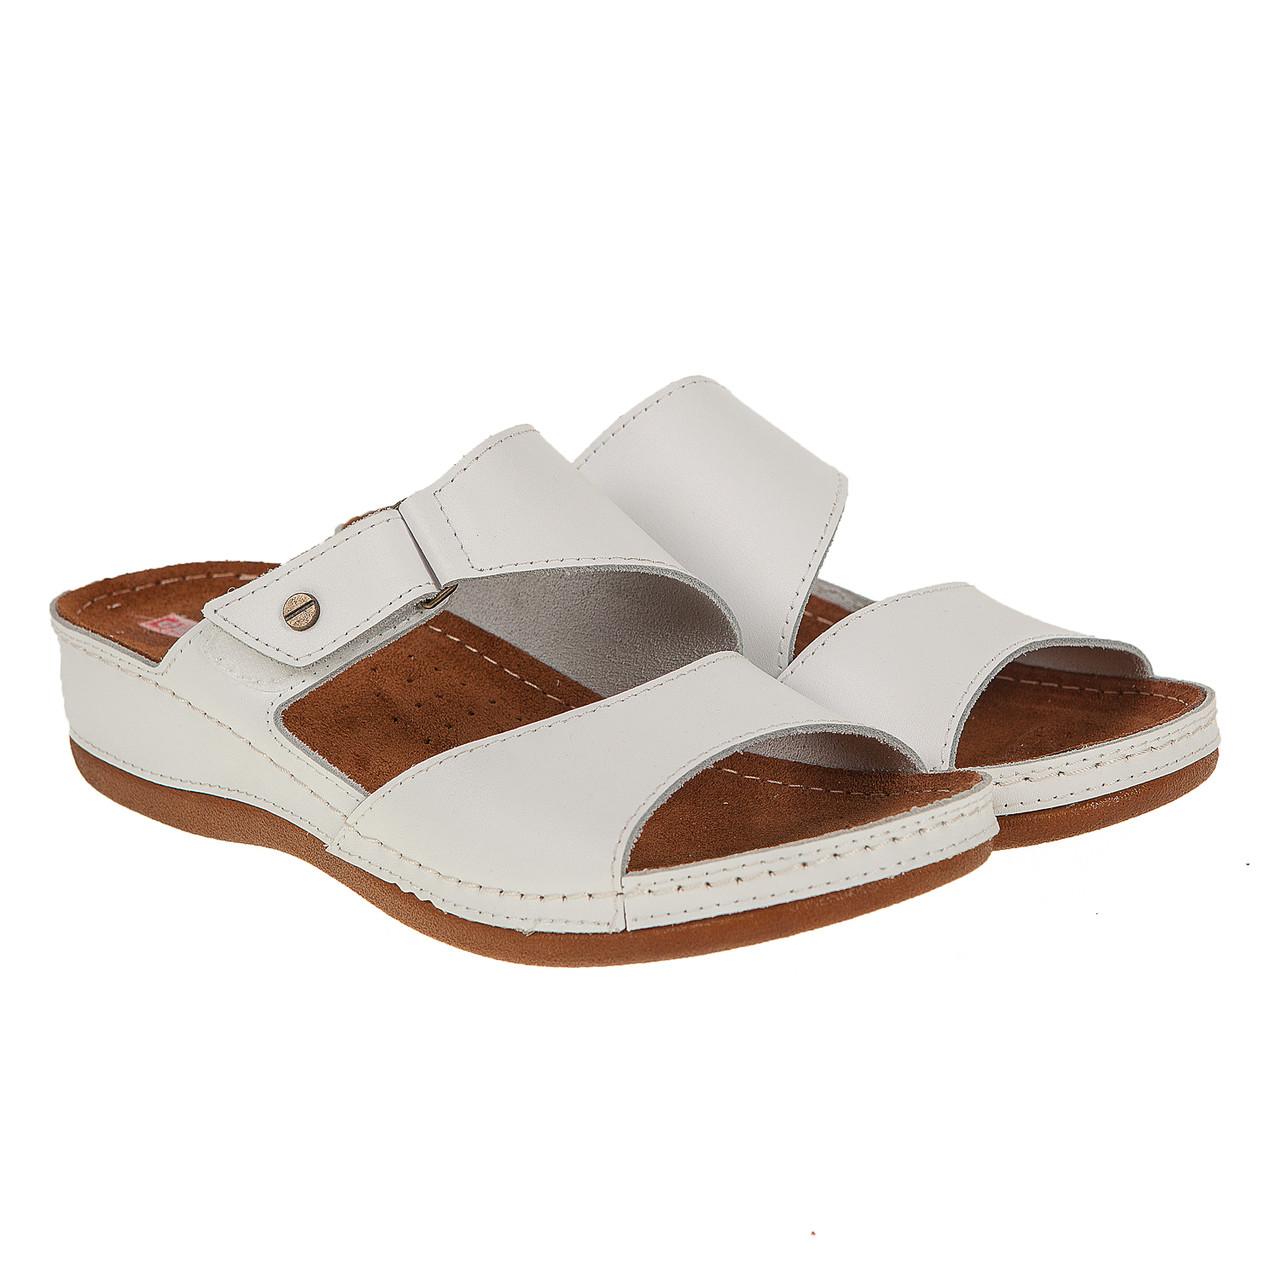 32b7d1a57 Шлепанцы женские Syrena (кожаные, белого цвета, удобные, модные,  качественные)